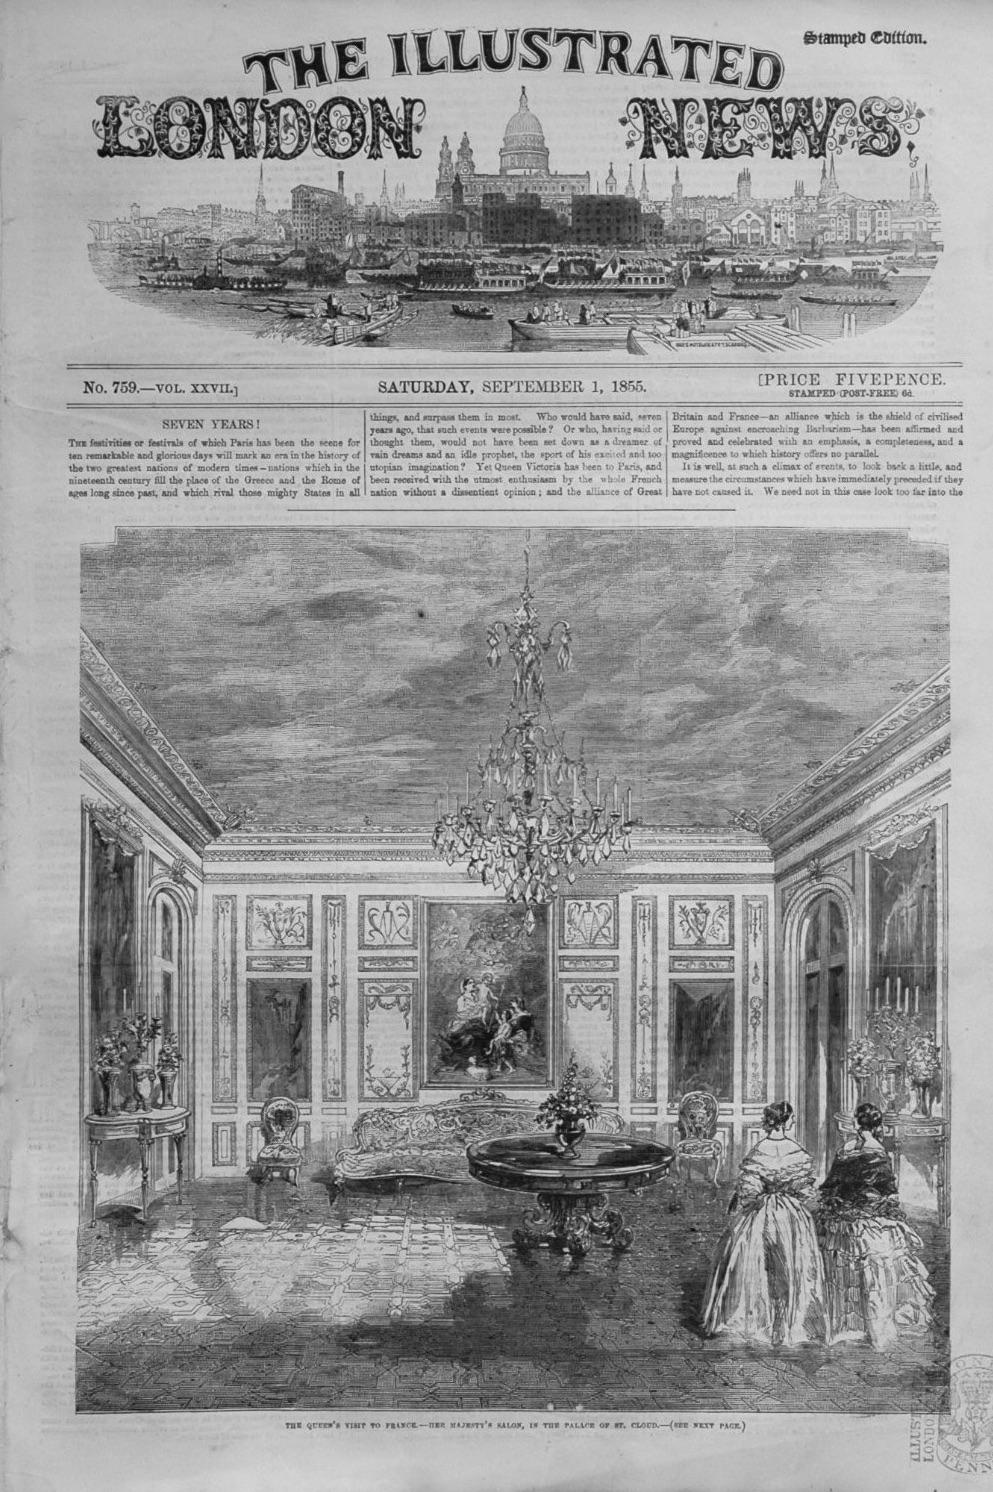 Illustrated London News September 1st 1855.